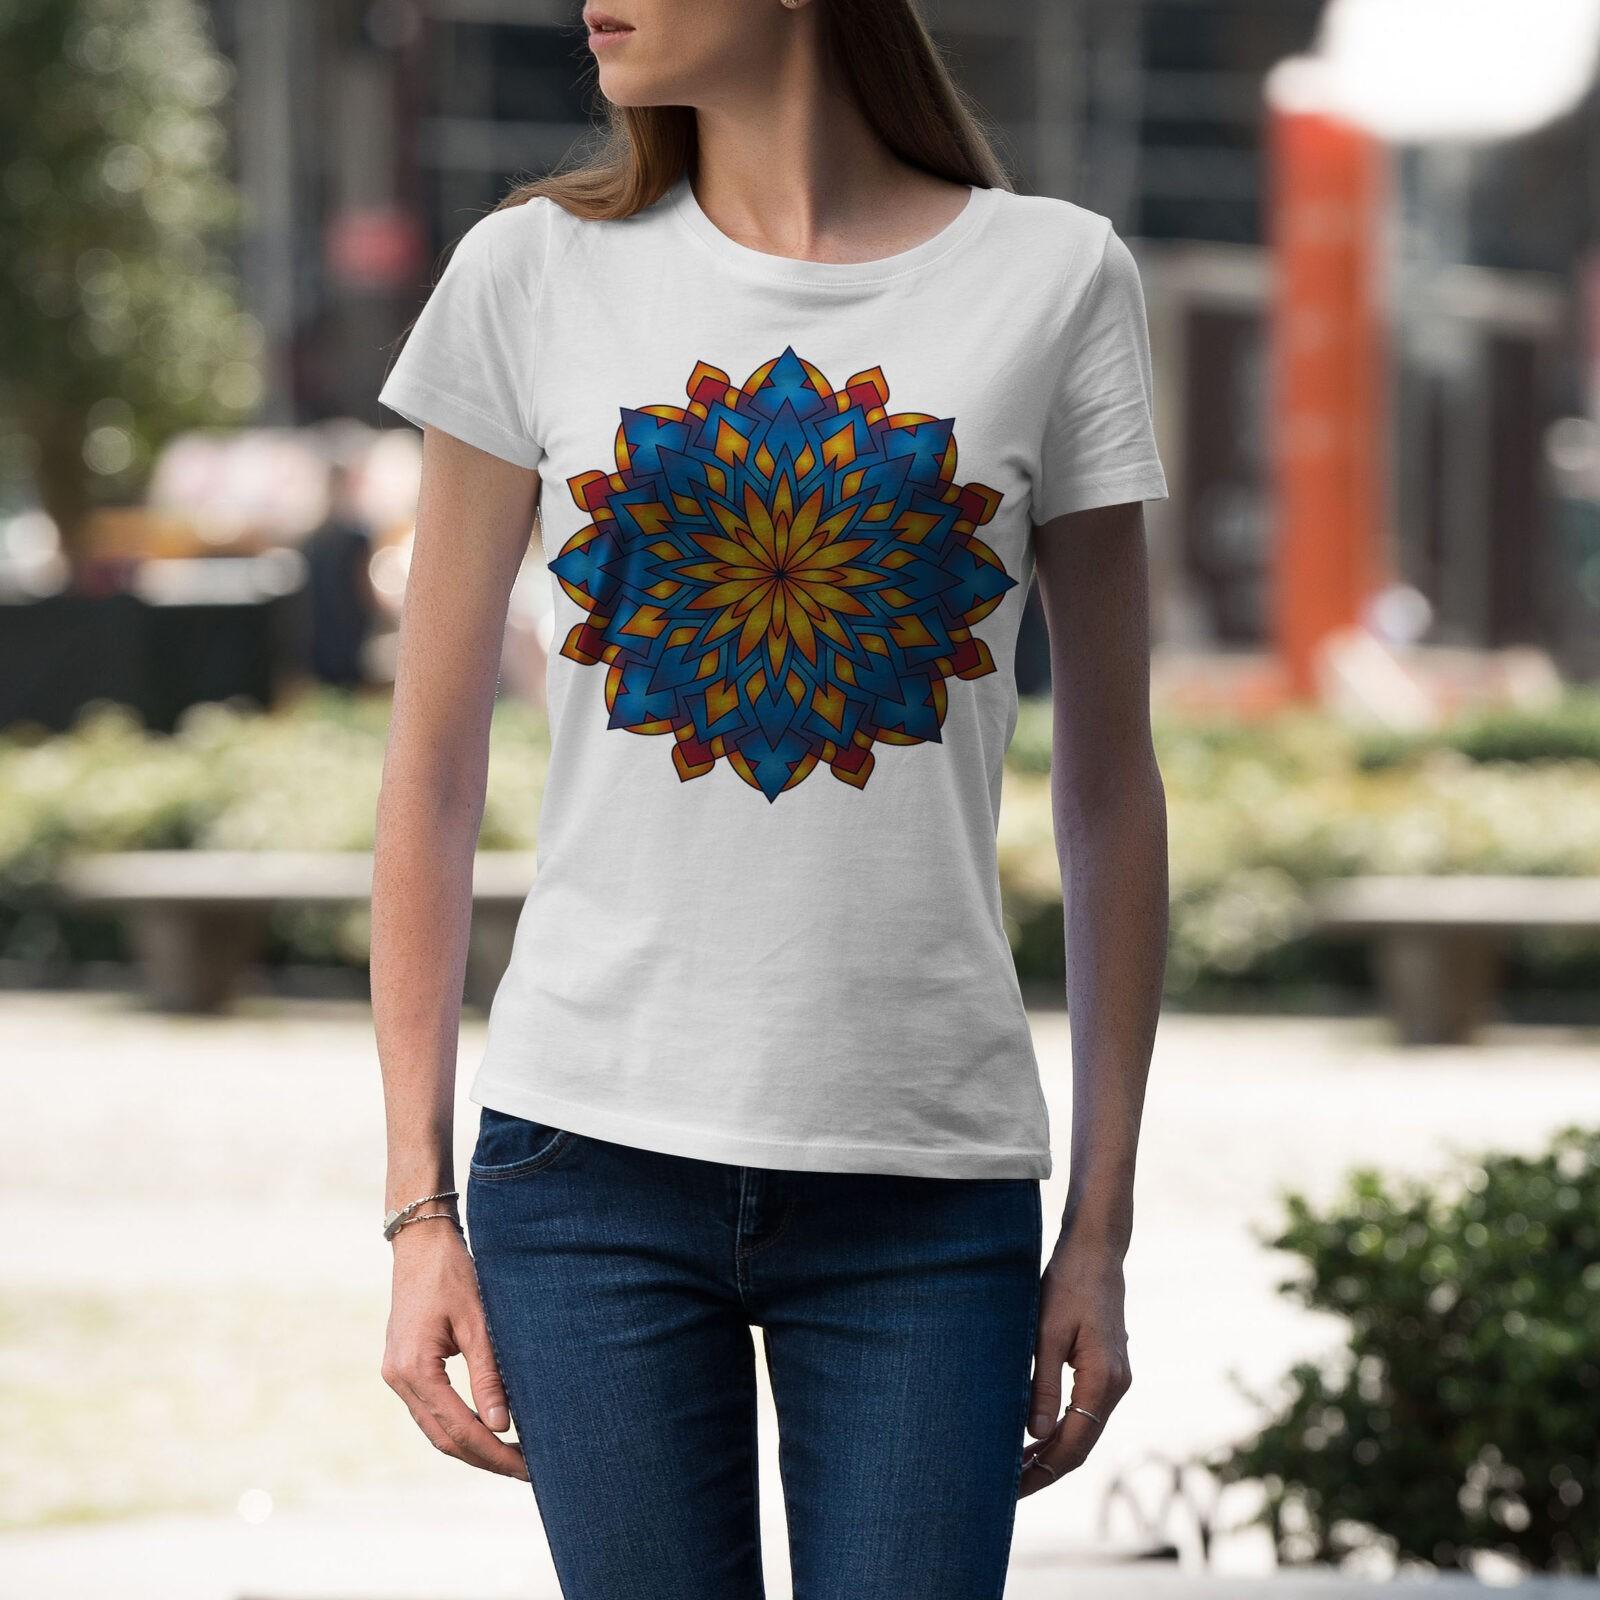 Дамска тениска Mandala W 014 - на супер цени от ZeroBG